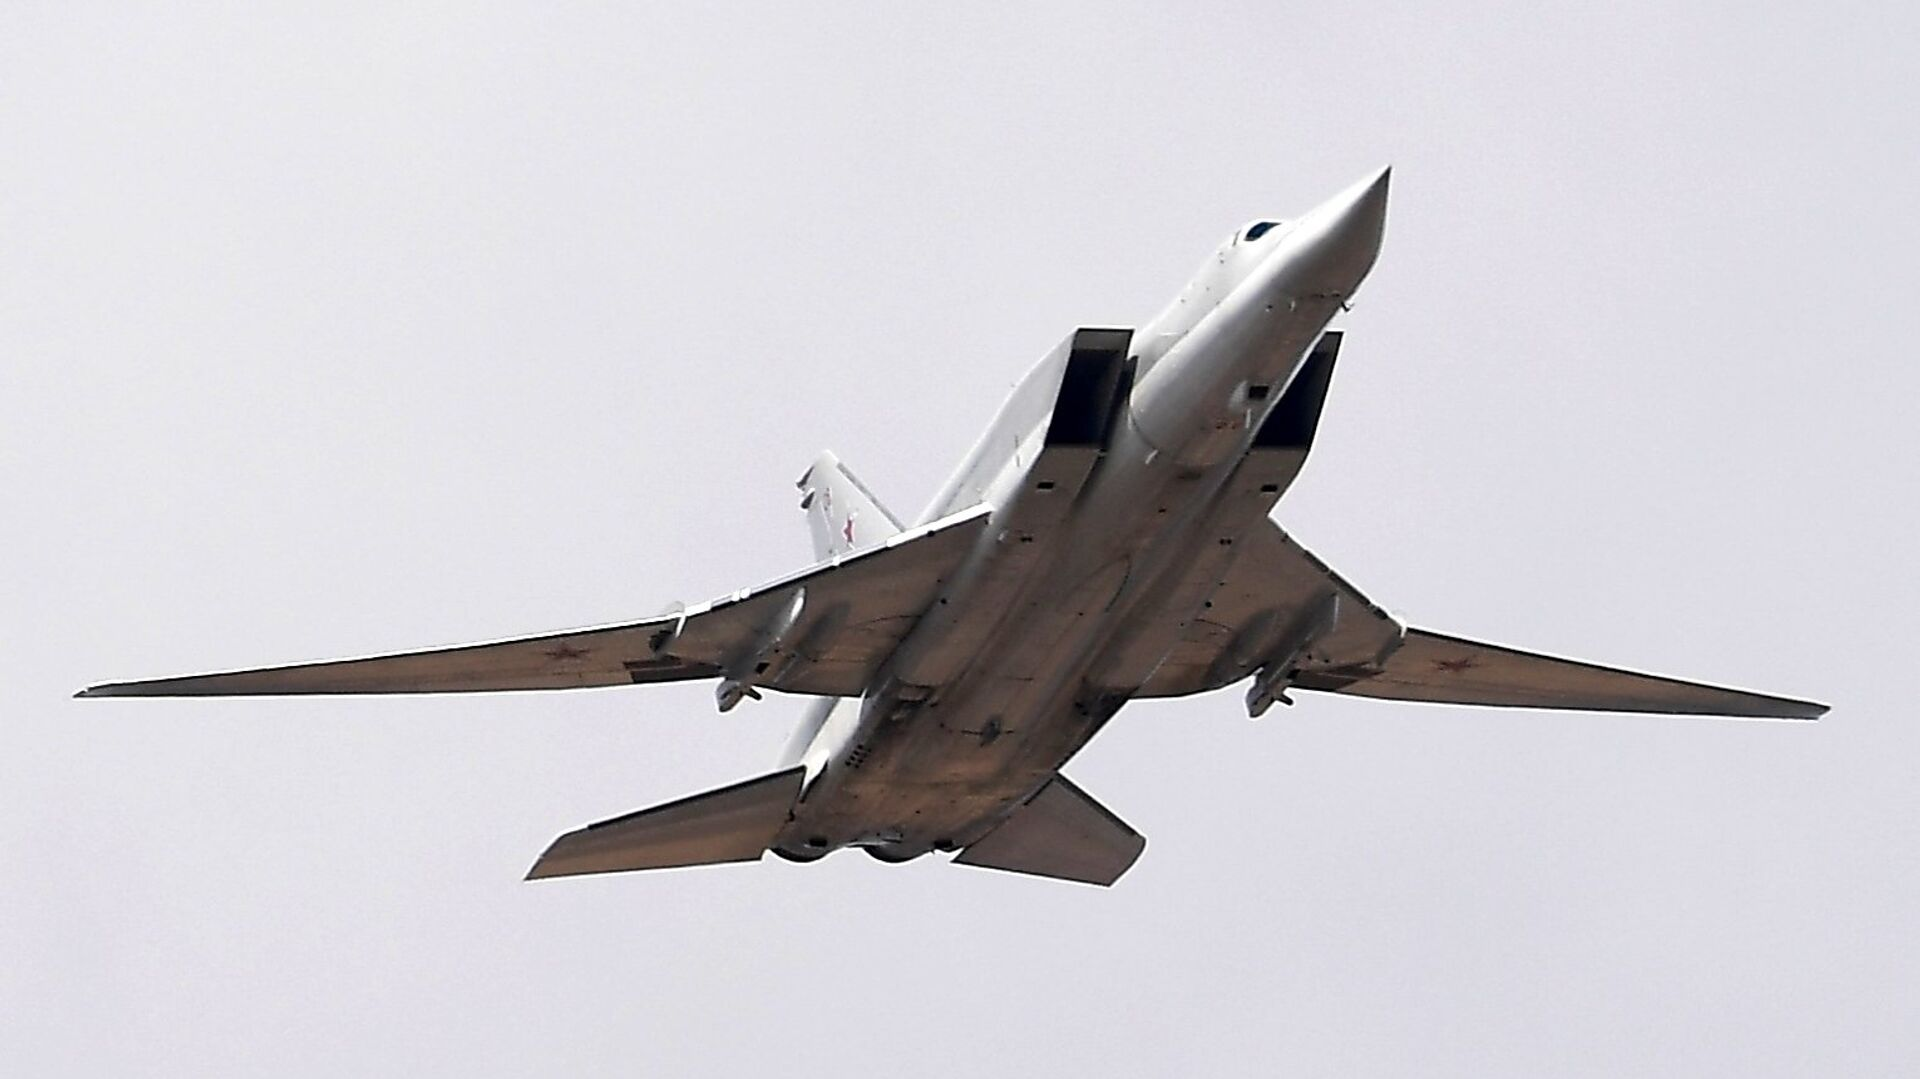 Экс-главком ВВС прокомментировал инцидент с Ту-22МЗ под Калугой